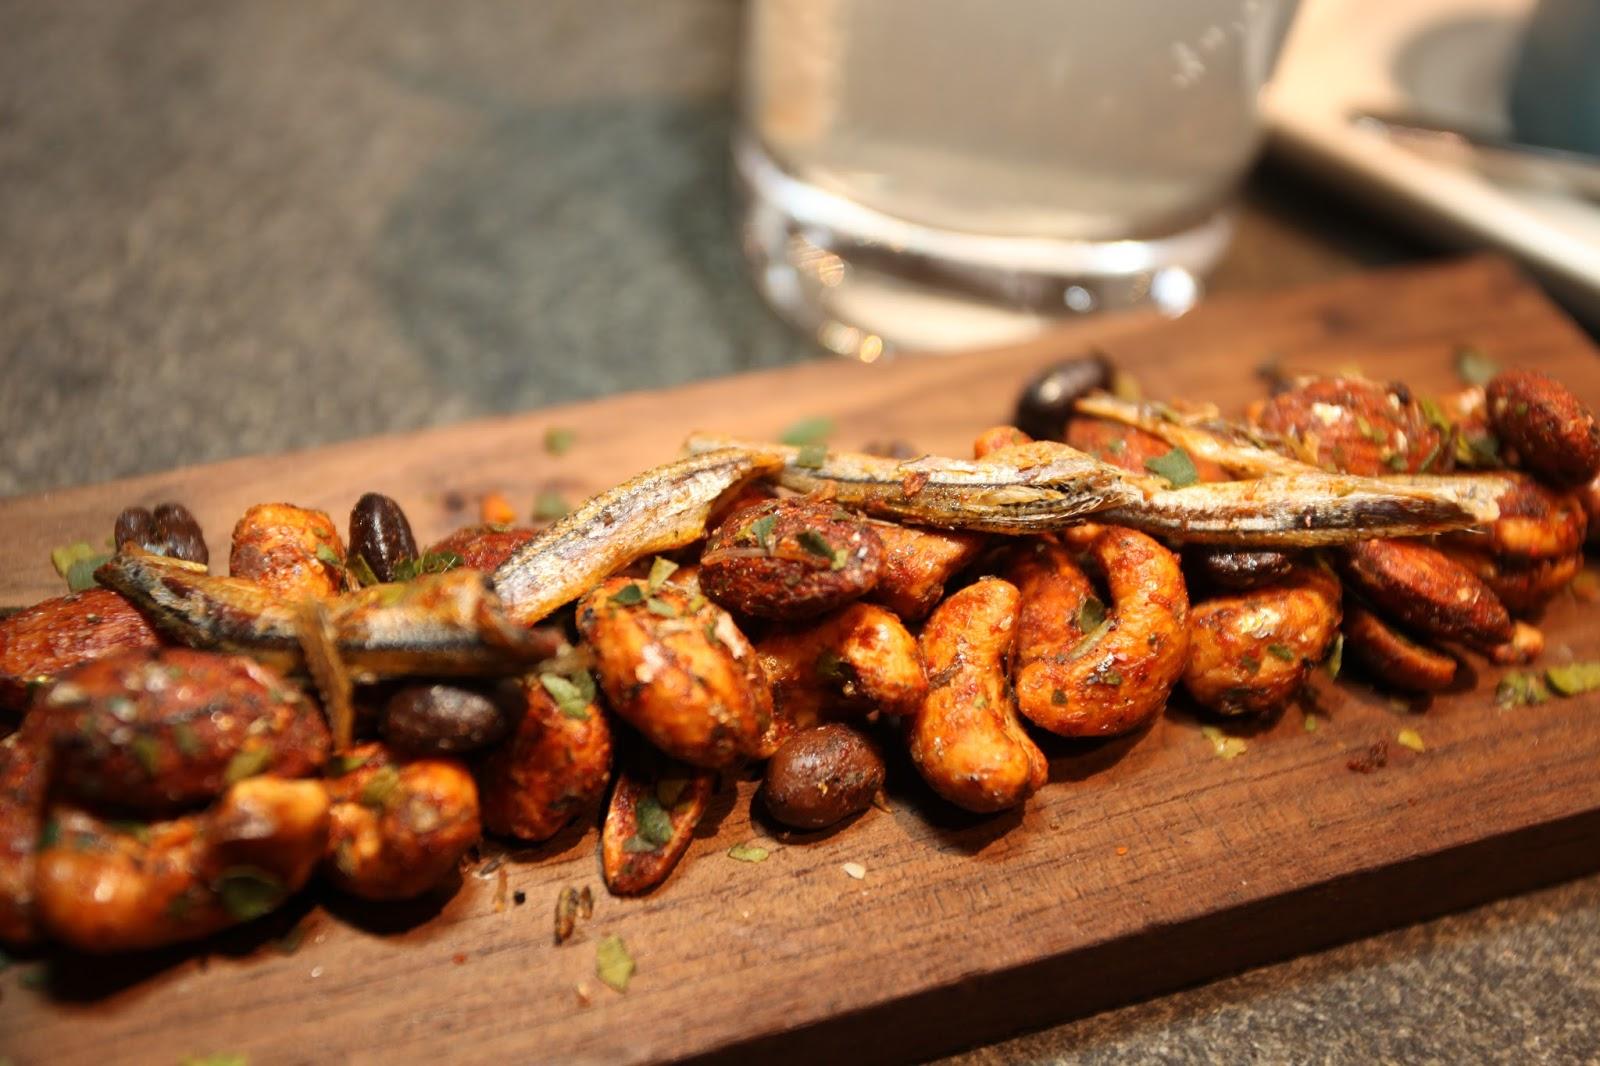 Pallisers meatless recipes